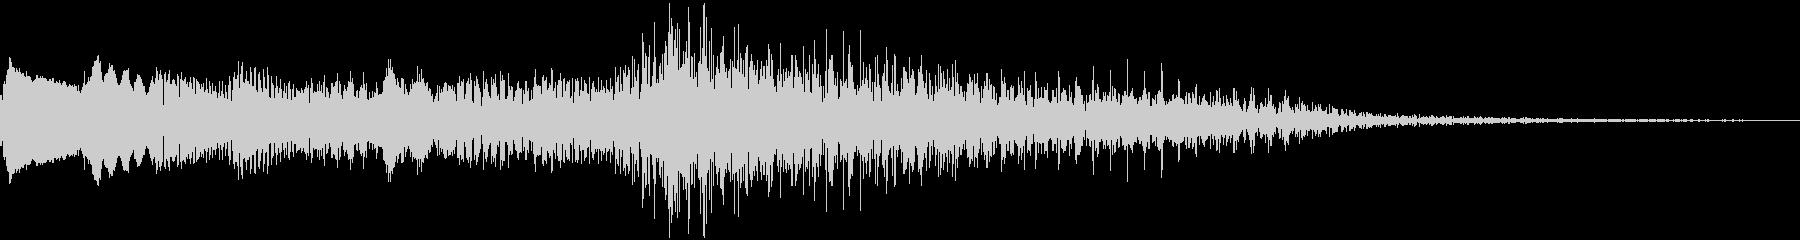 爽やかなピアノのジングル14の未再生の波形